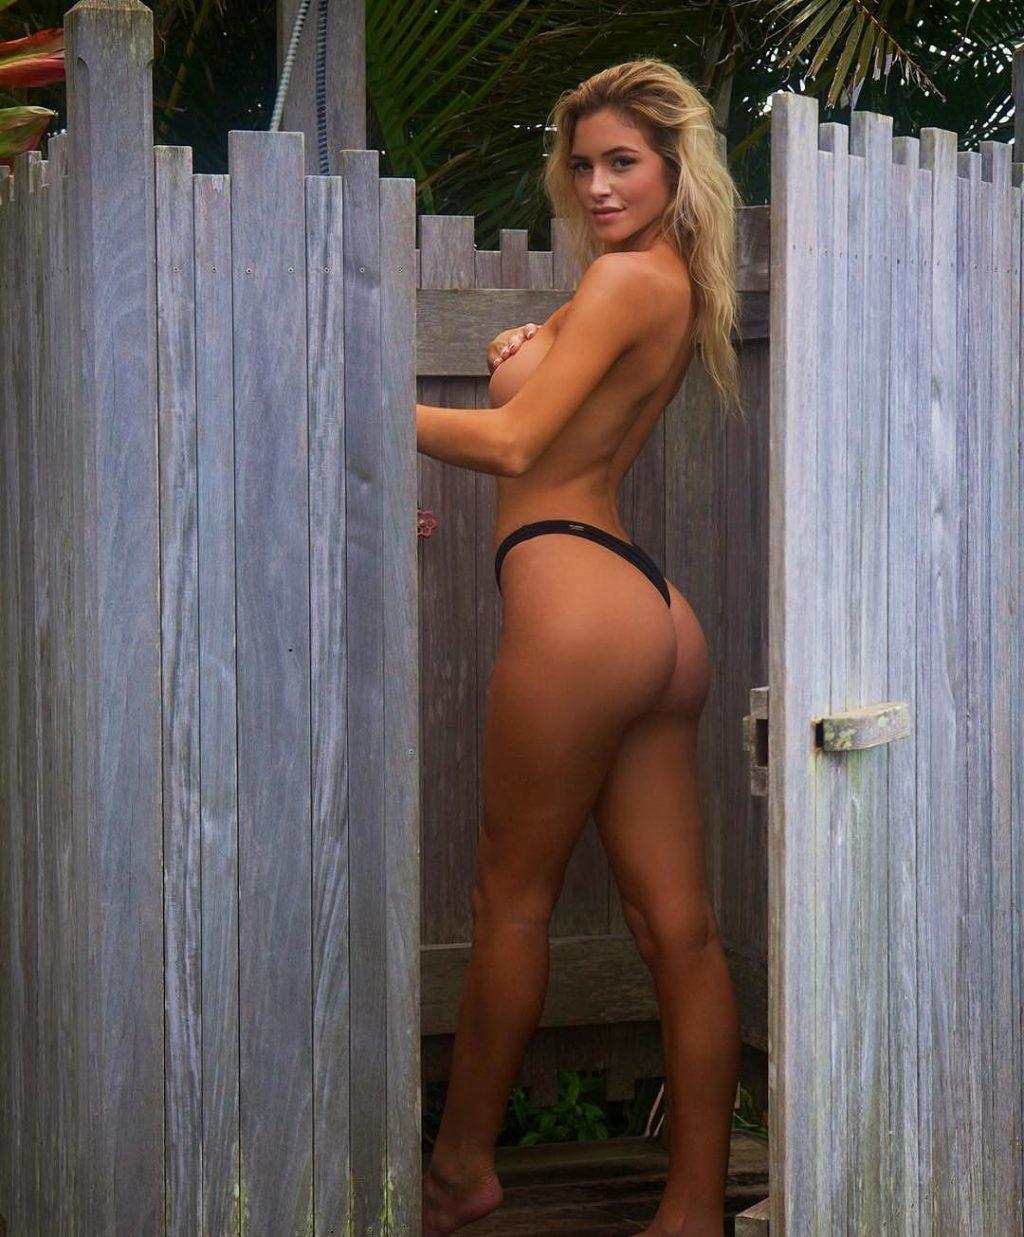 Alyssa Milano Nua hannah palmer naked (5 photos) – ( ͡° ͜ʖ ͡°) |the fappening